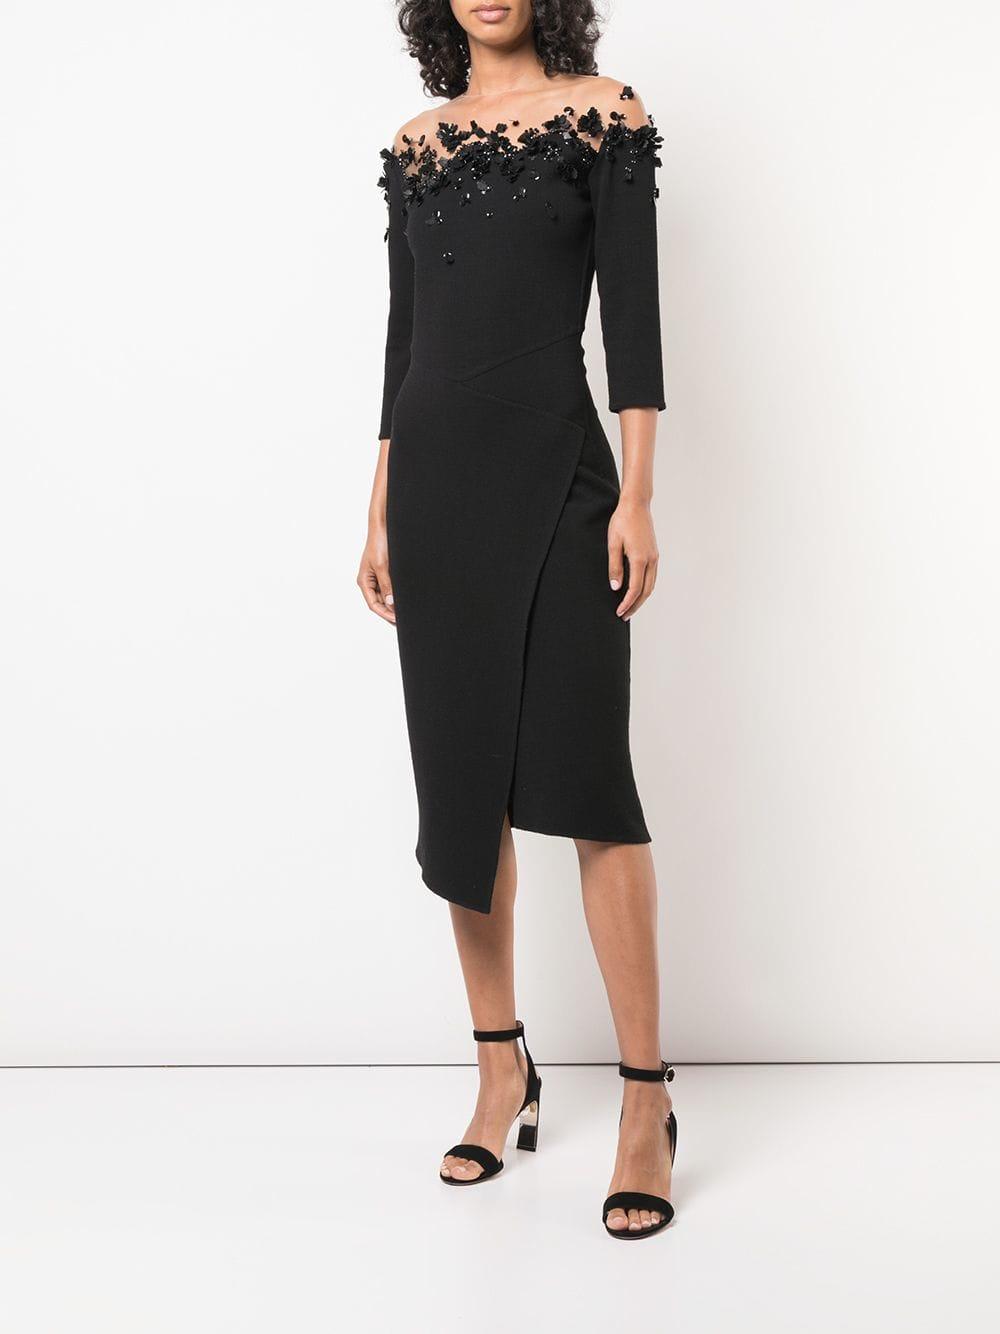 OSCAR DE LA RENTA Butterfly Effect Appliqués Black Dress